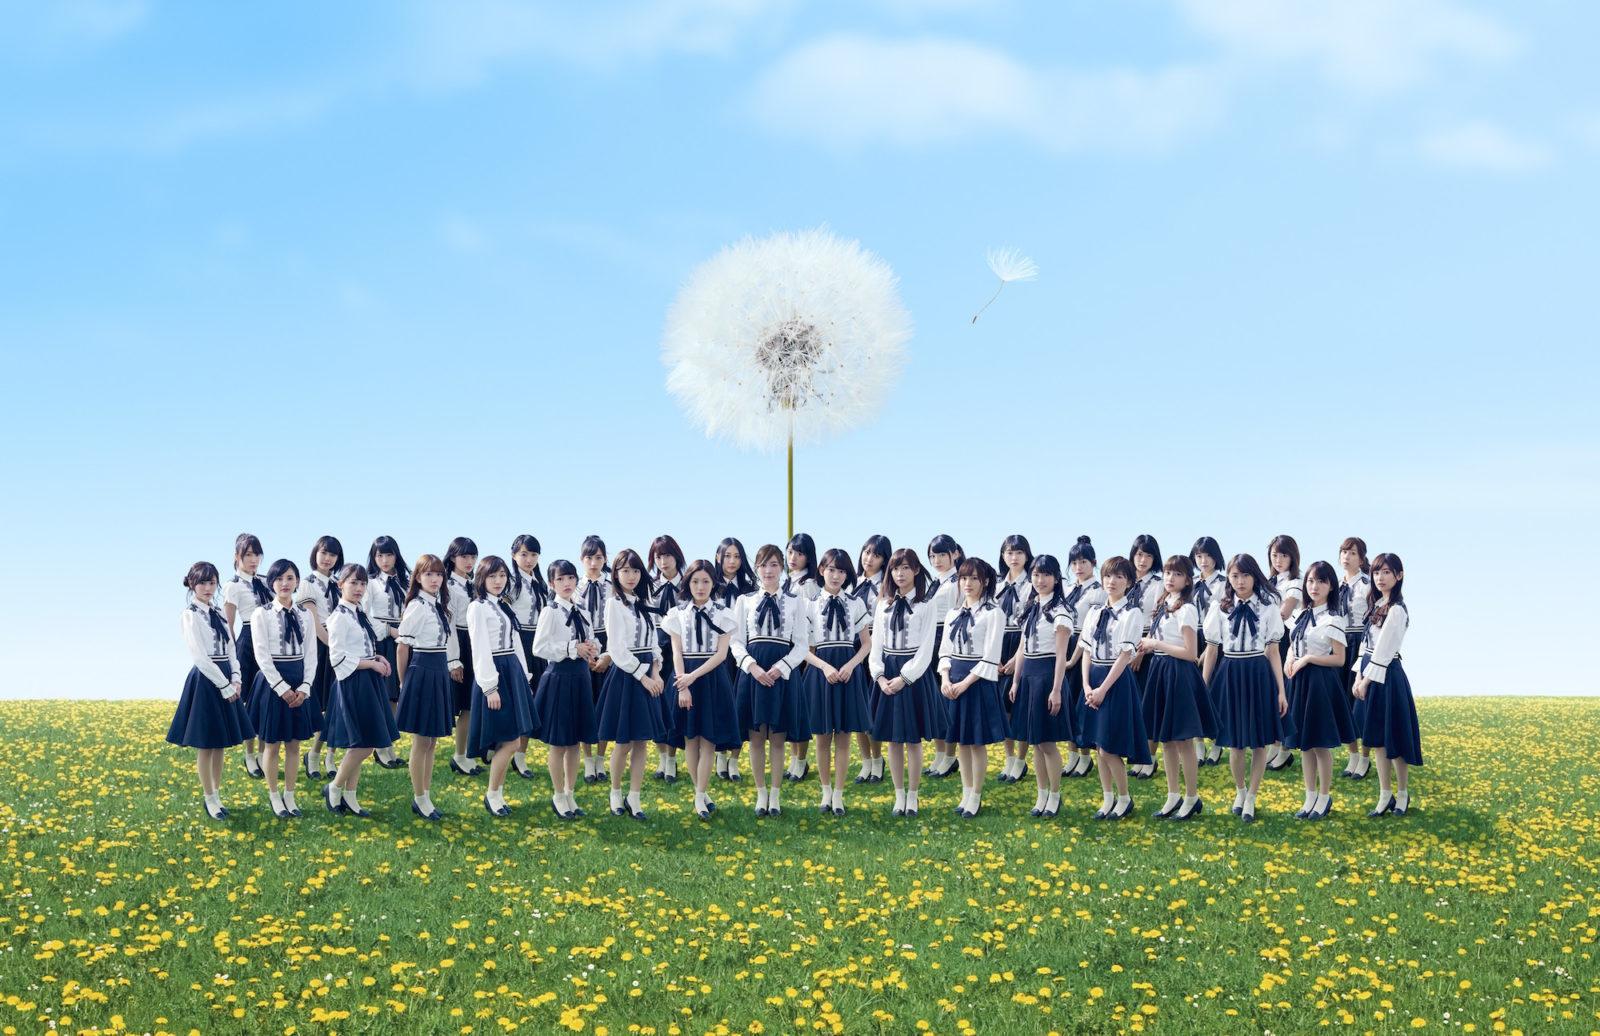 AKB48柏木由紀、総選挙話でケンコバからの「この時でしょ、過激な帽子…」いじりに「私はやってません」サムネイル画像